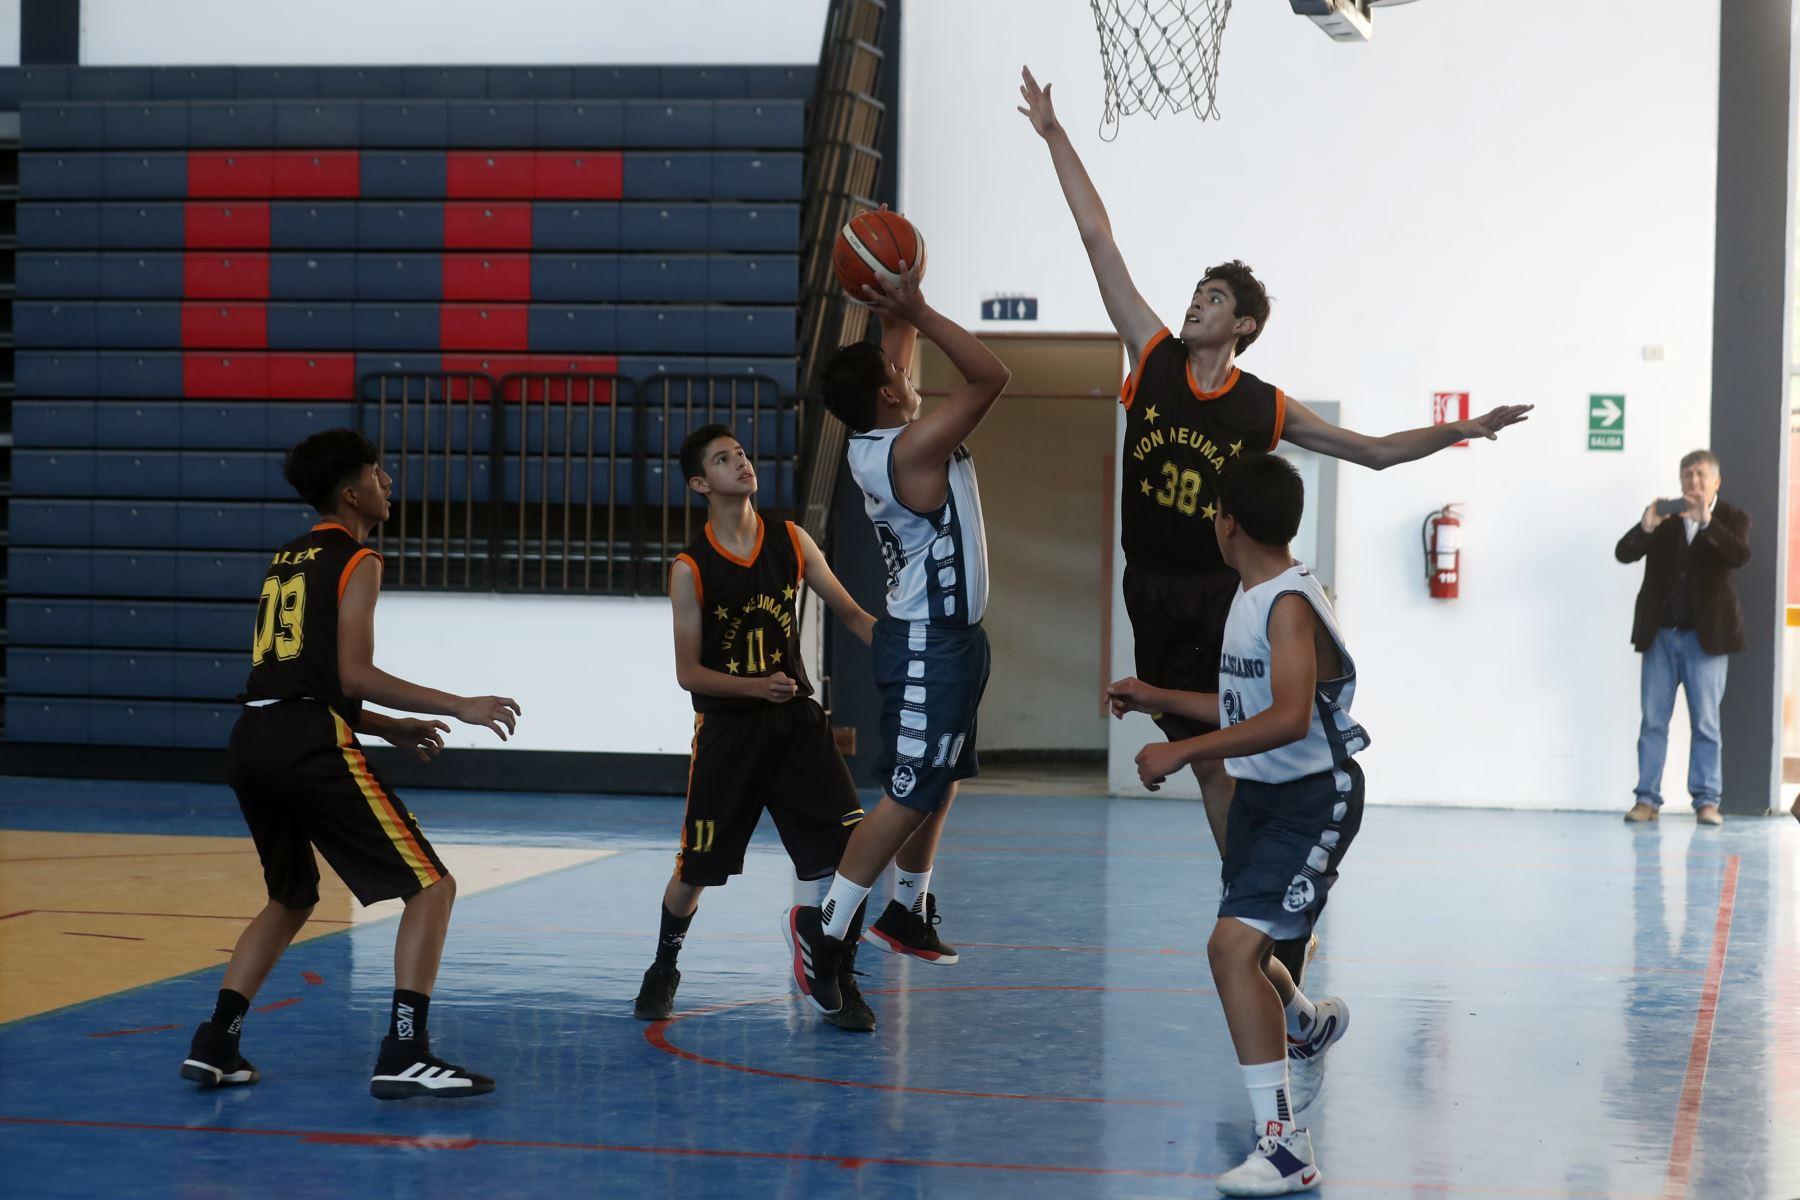 Colegio Von Neumann de Huanuco disputa encuentro con el colegio Don Bosco de Ayacucho en los Juegos Deportivos Escolares Nacionales desarrollado en el colegio La Recoleta de La Molina. Foto: ANDINA/Renato Pajuelo